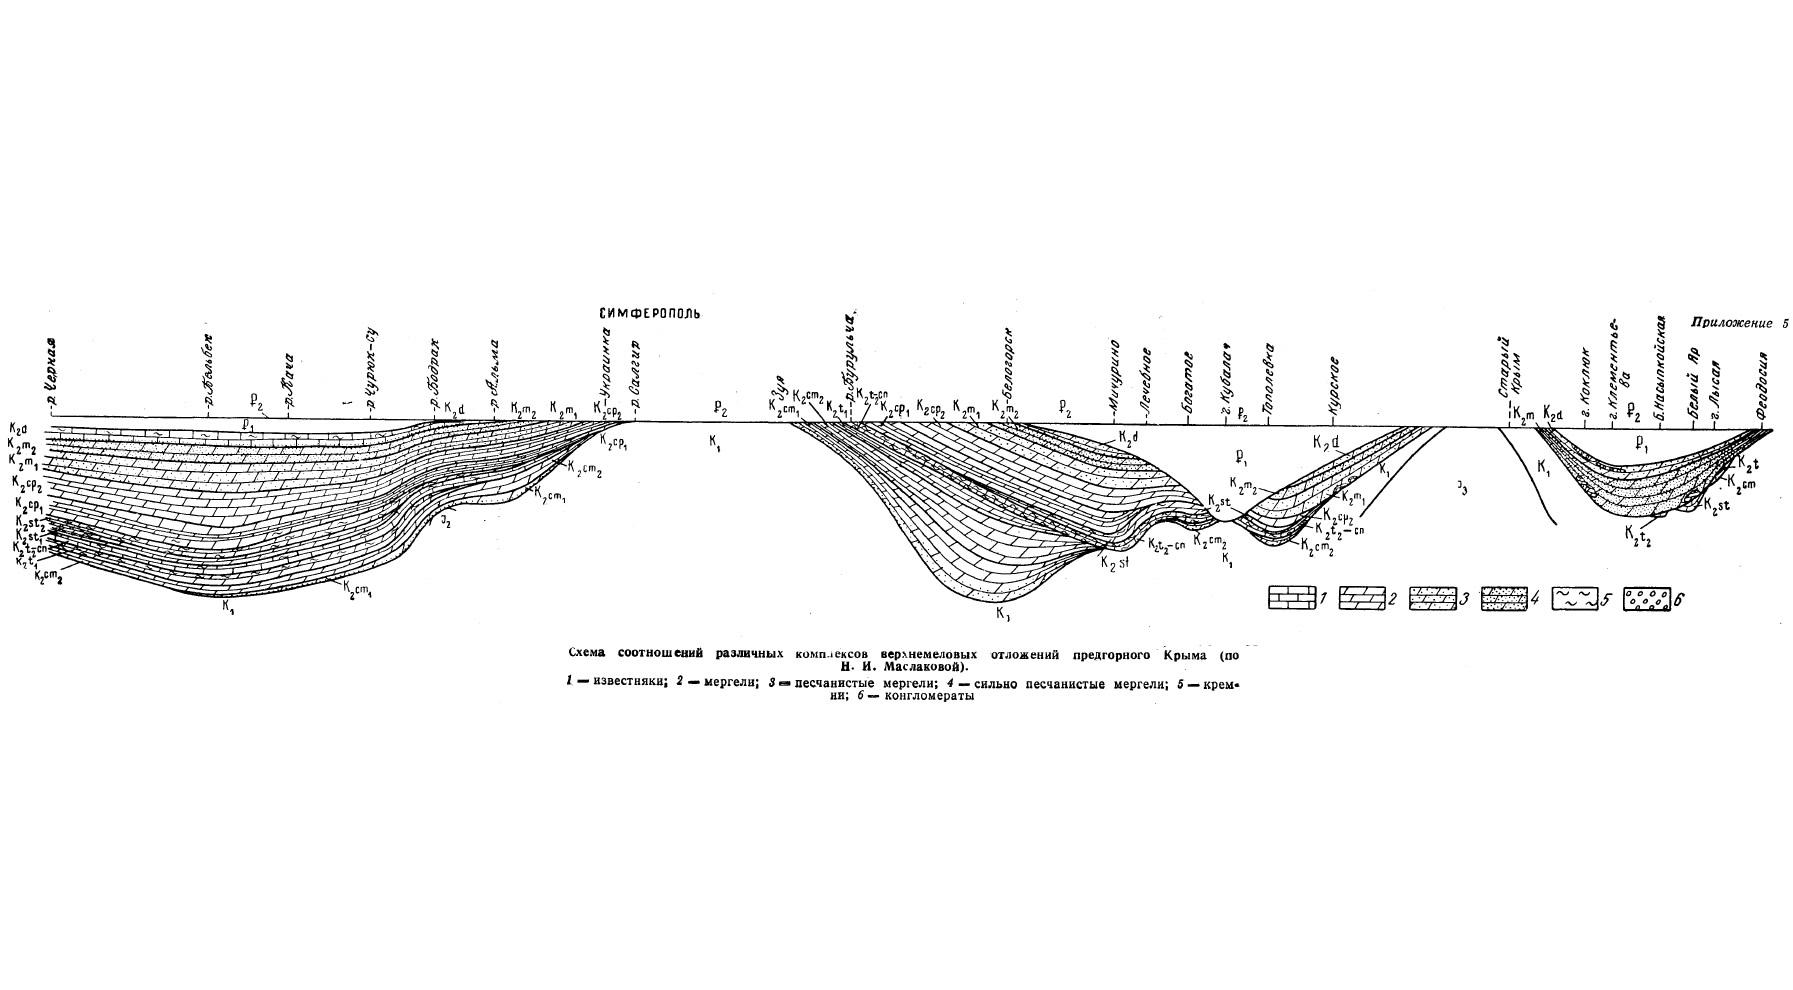 Прил. 5. Схема соотношений различных комплексов верхнемеловых отложений предгорного Крыма